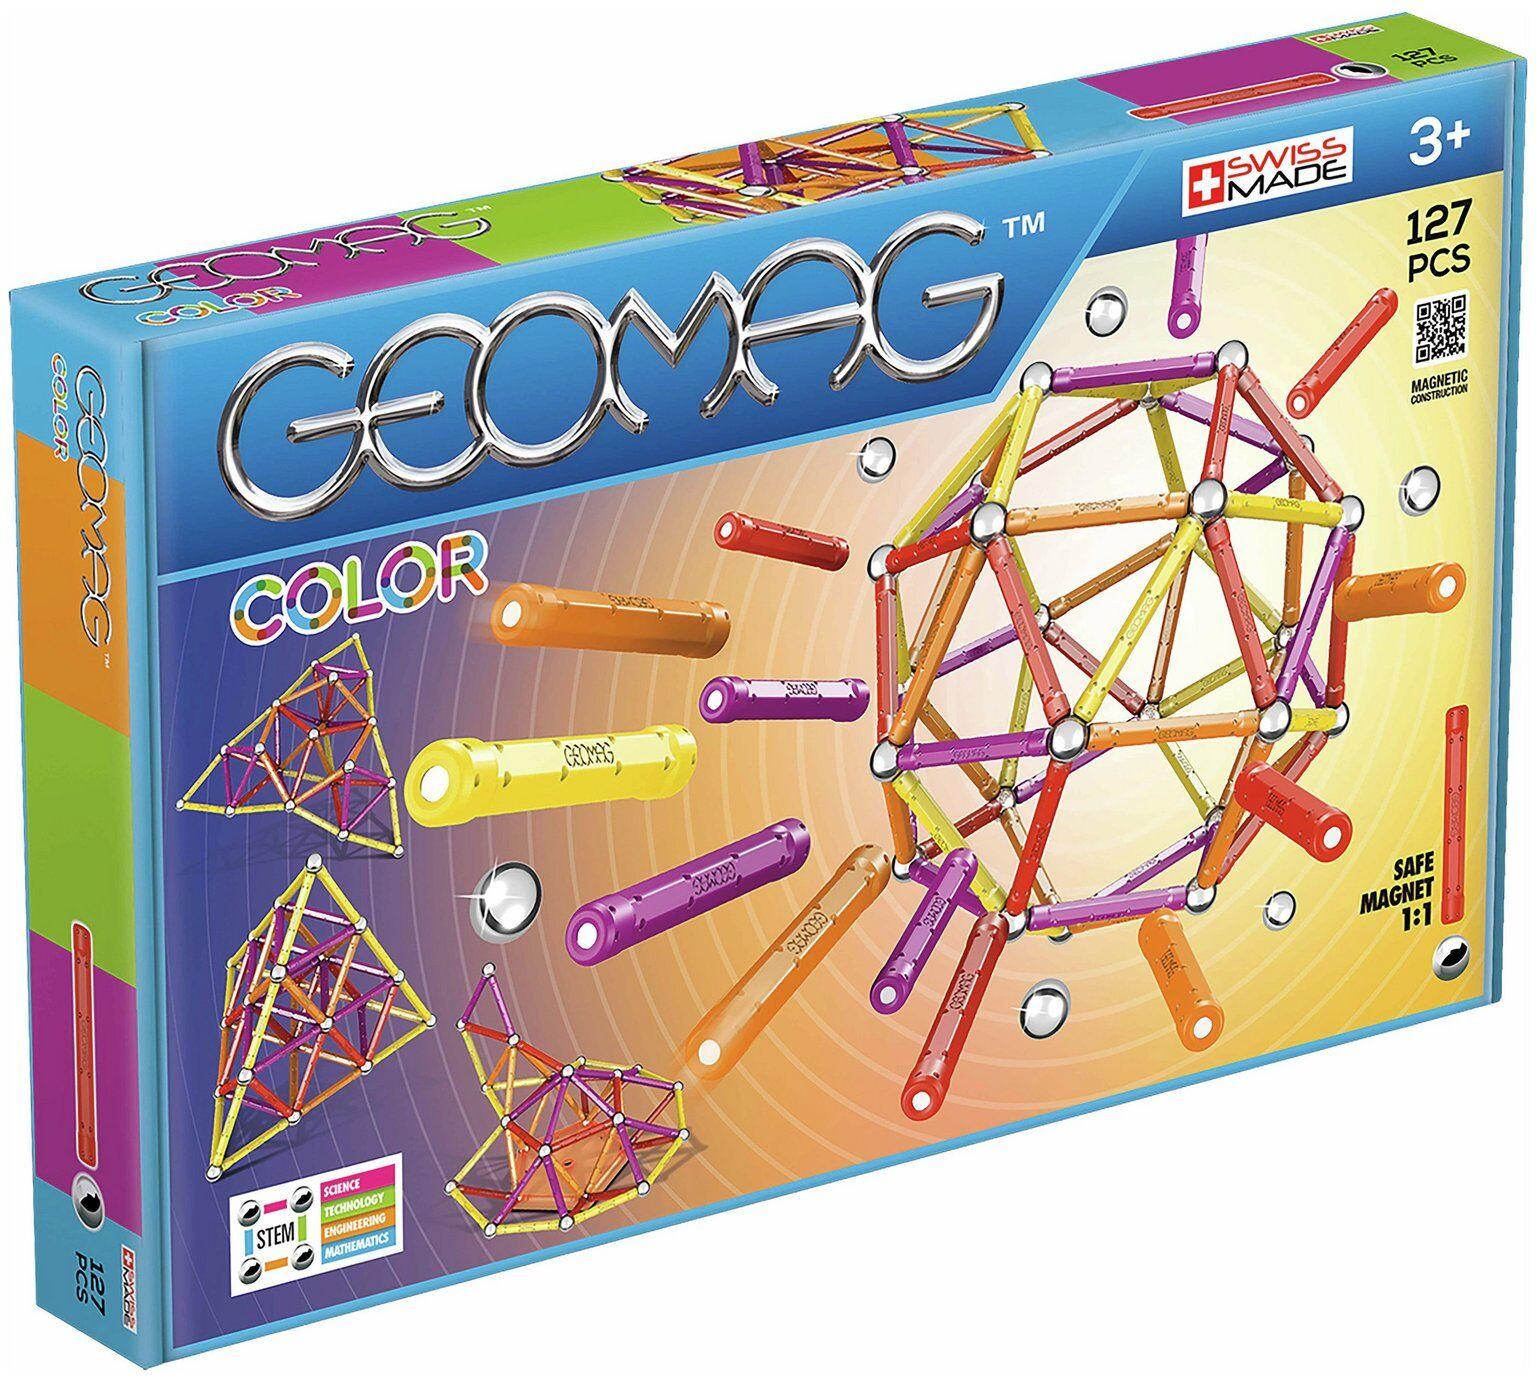 Geomag Color 127 pcs (264)